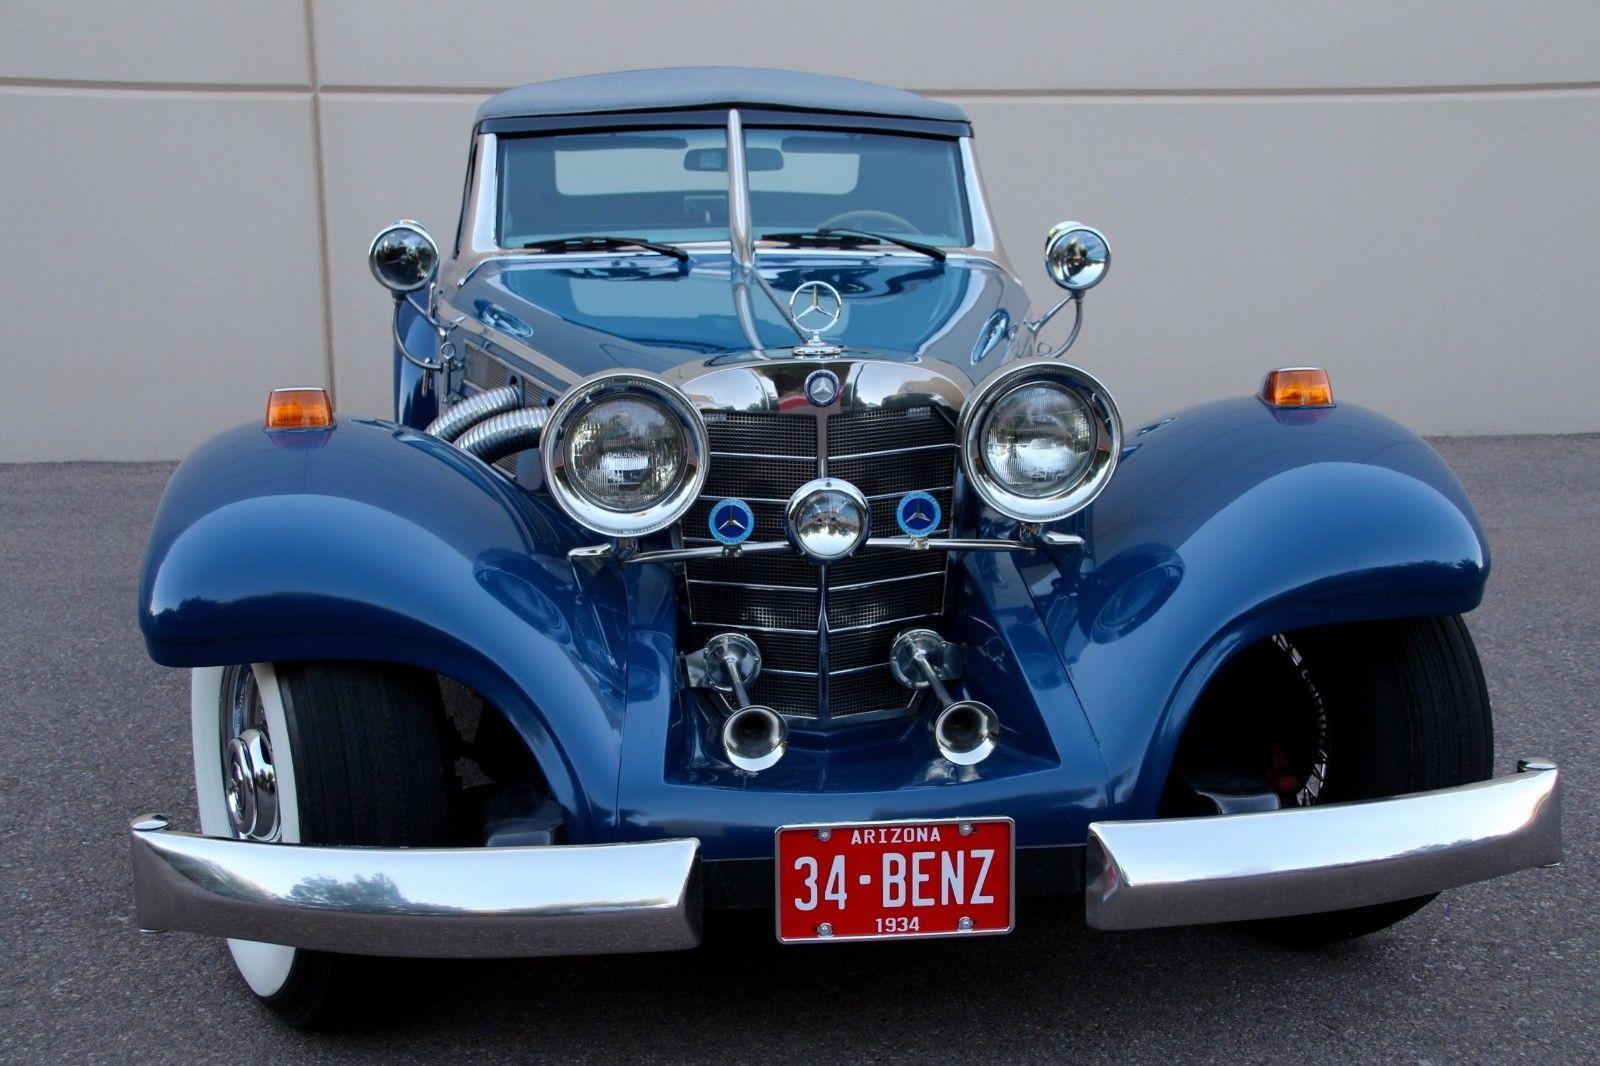 Corvette Convertible For Sale >> classic 1934 Mercedes Benz 500K Replica for sale